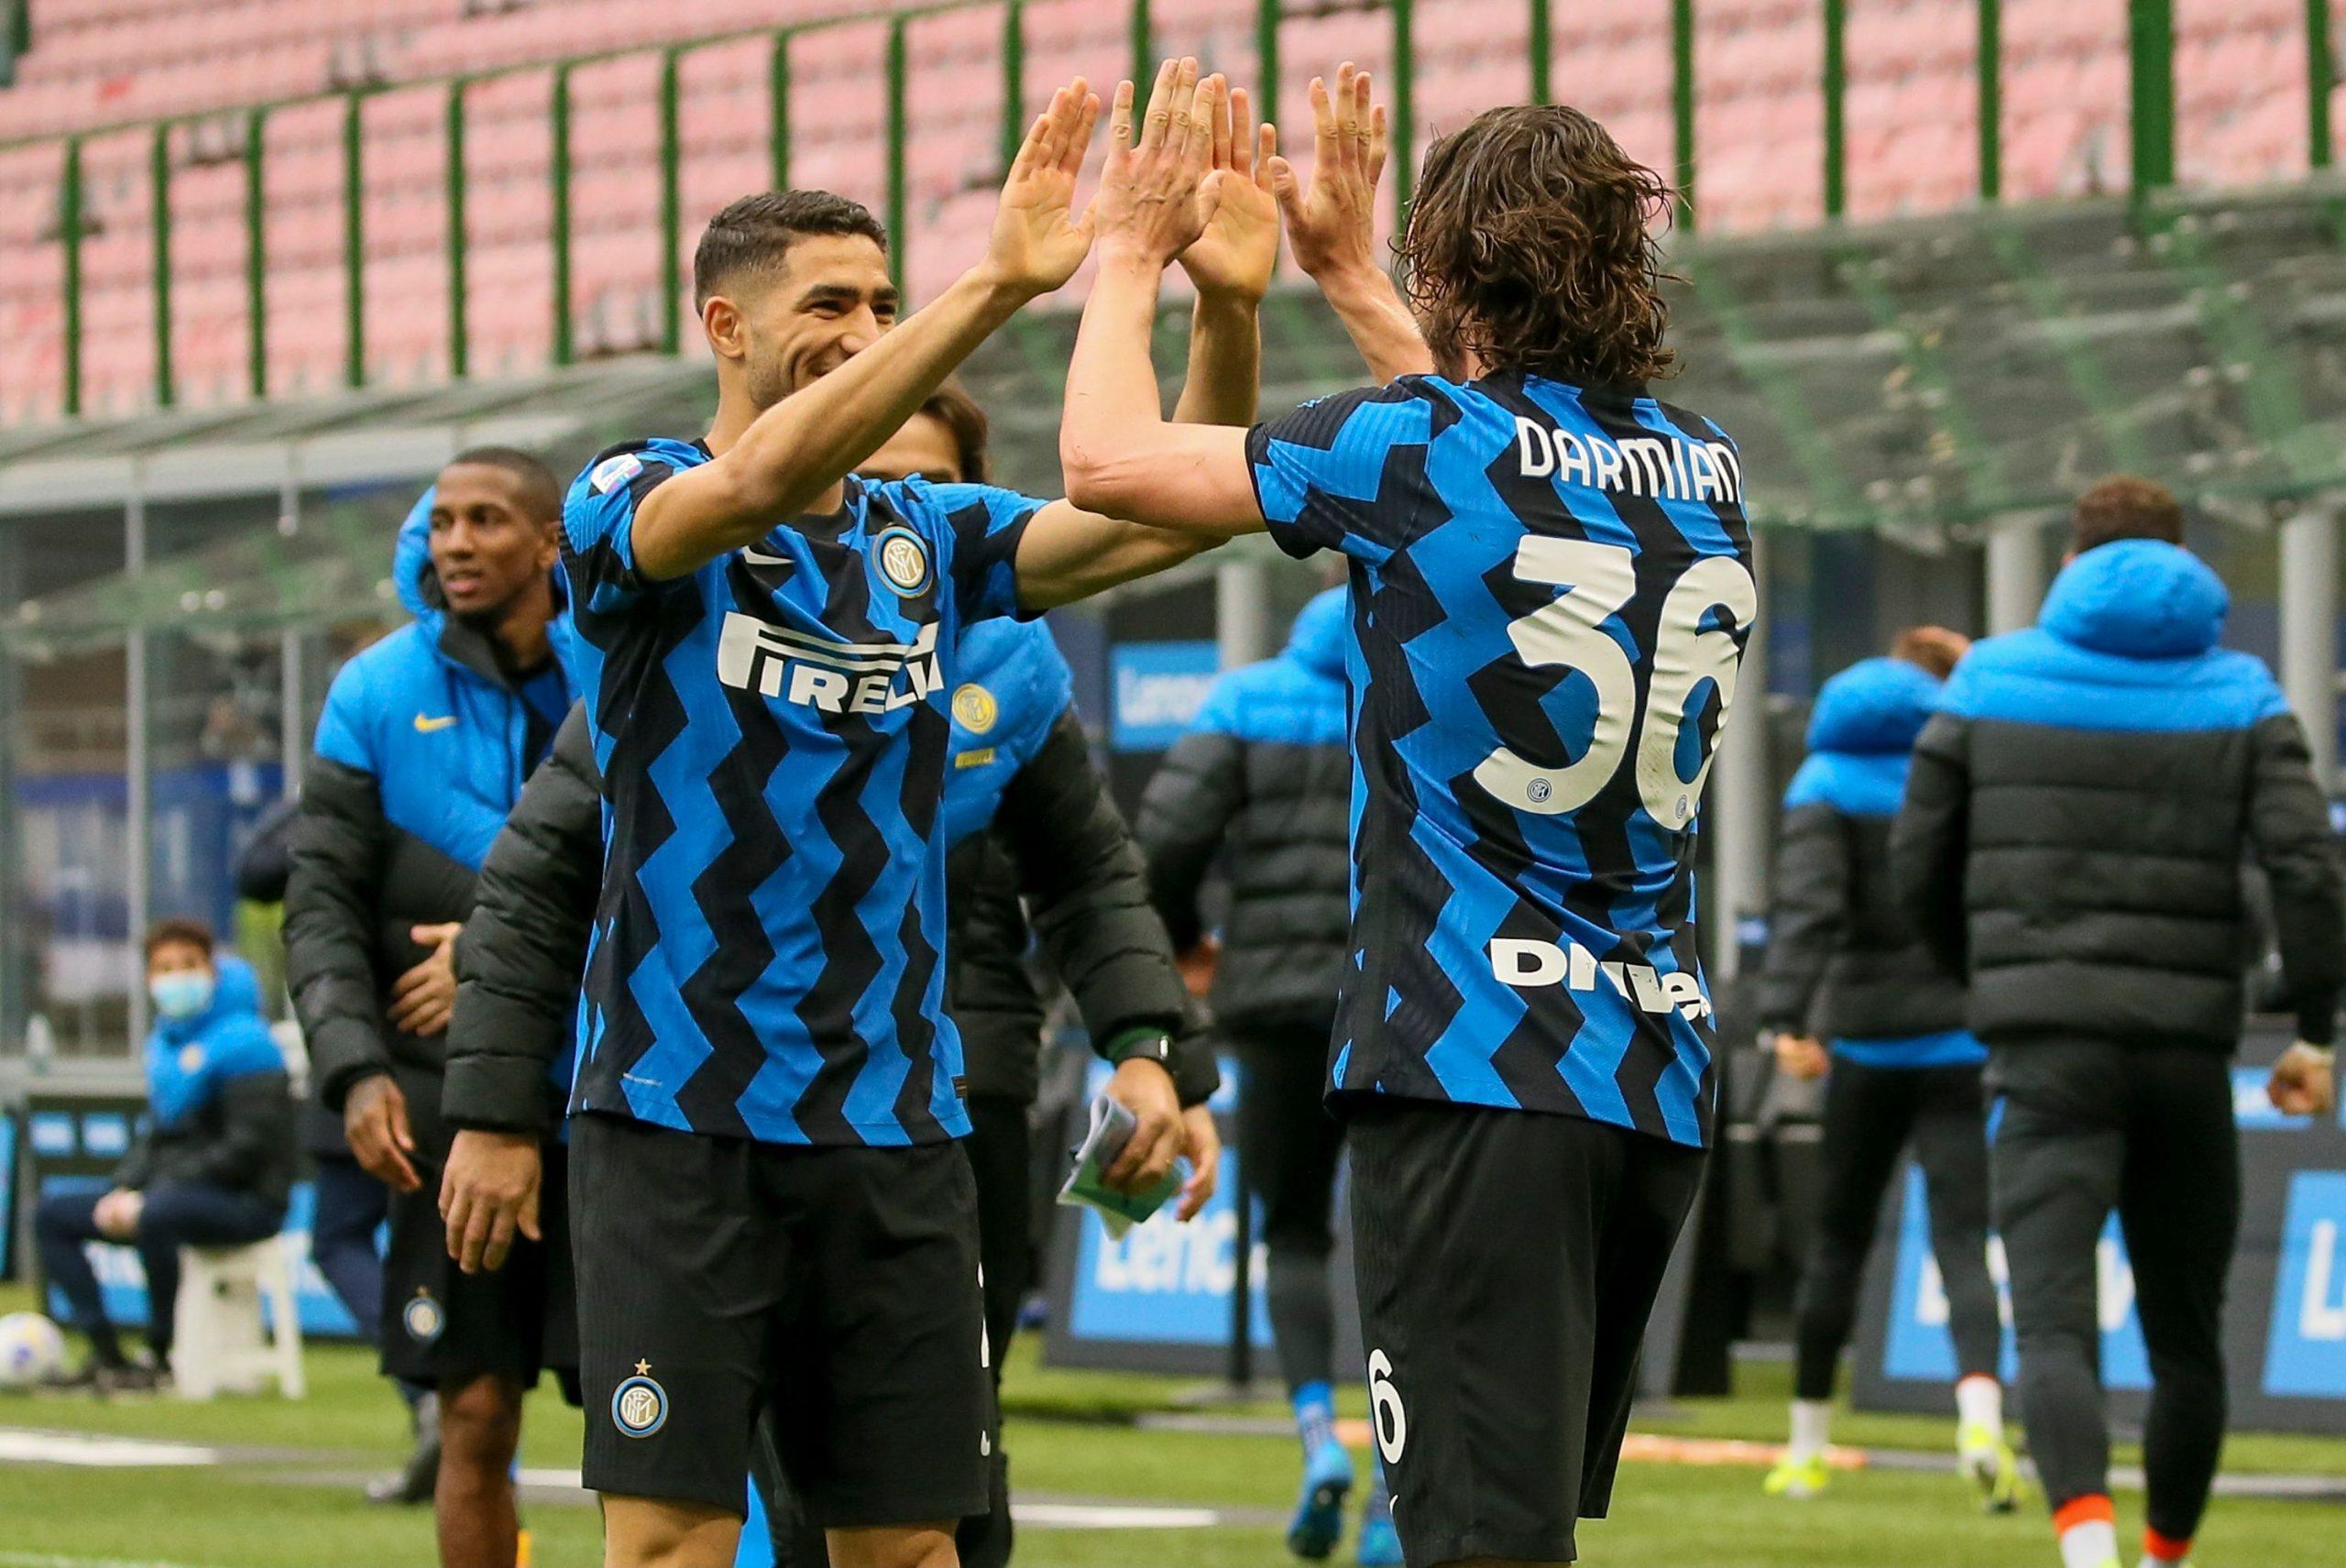 Inter Cagliari scaled